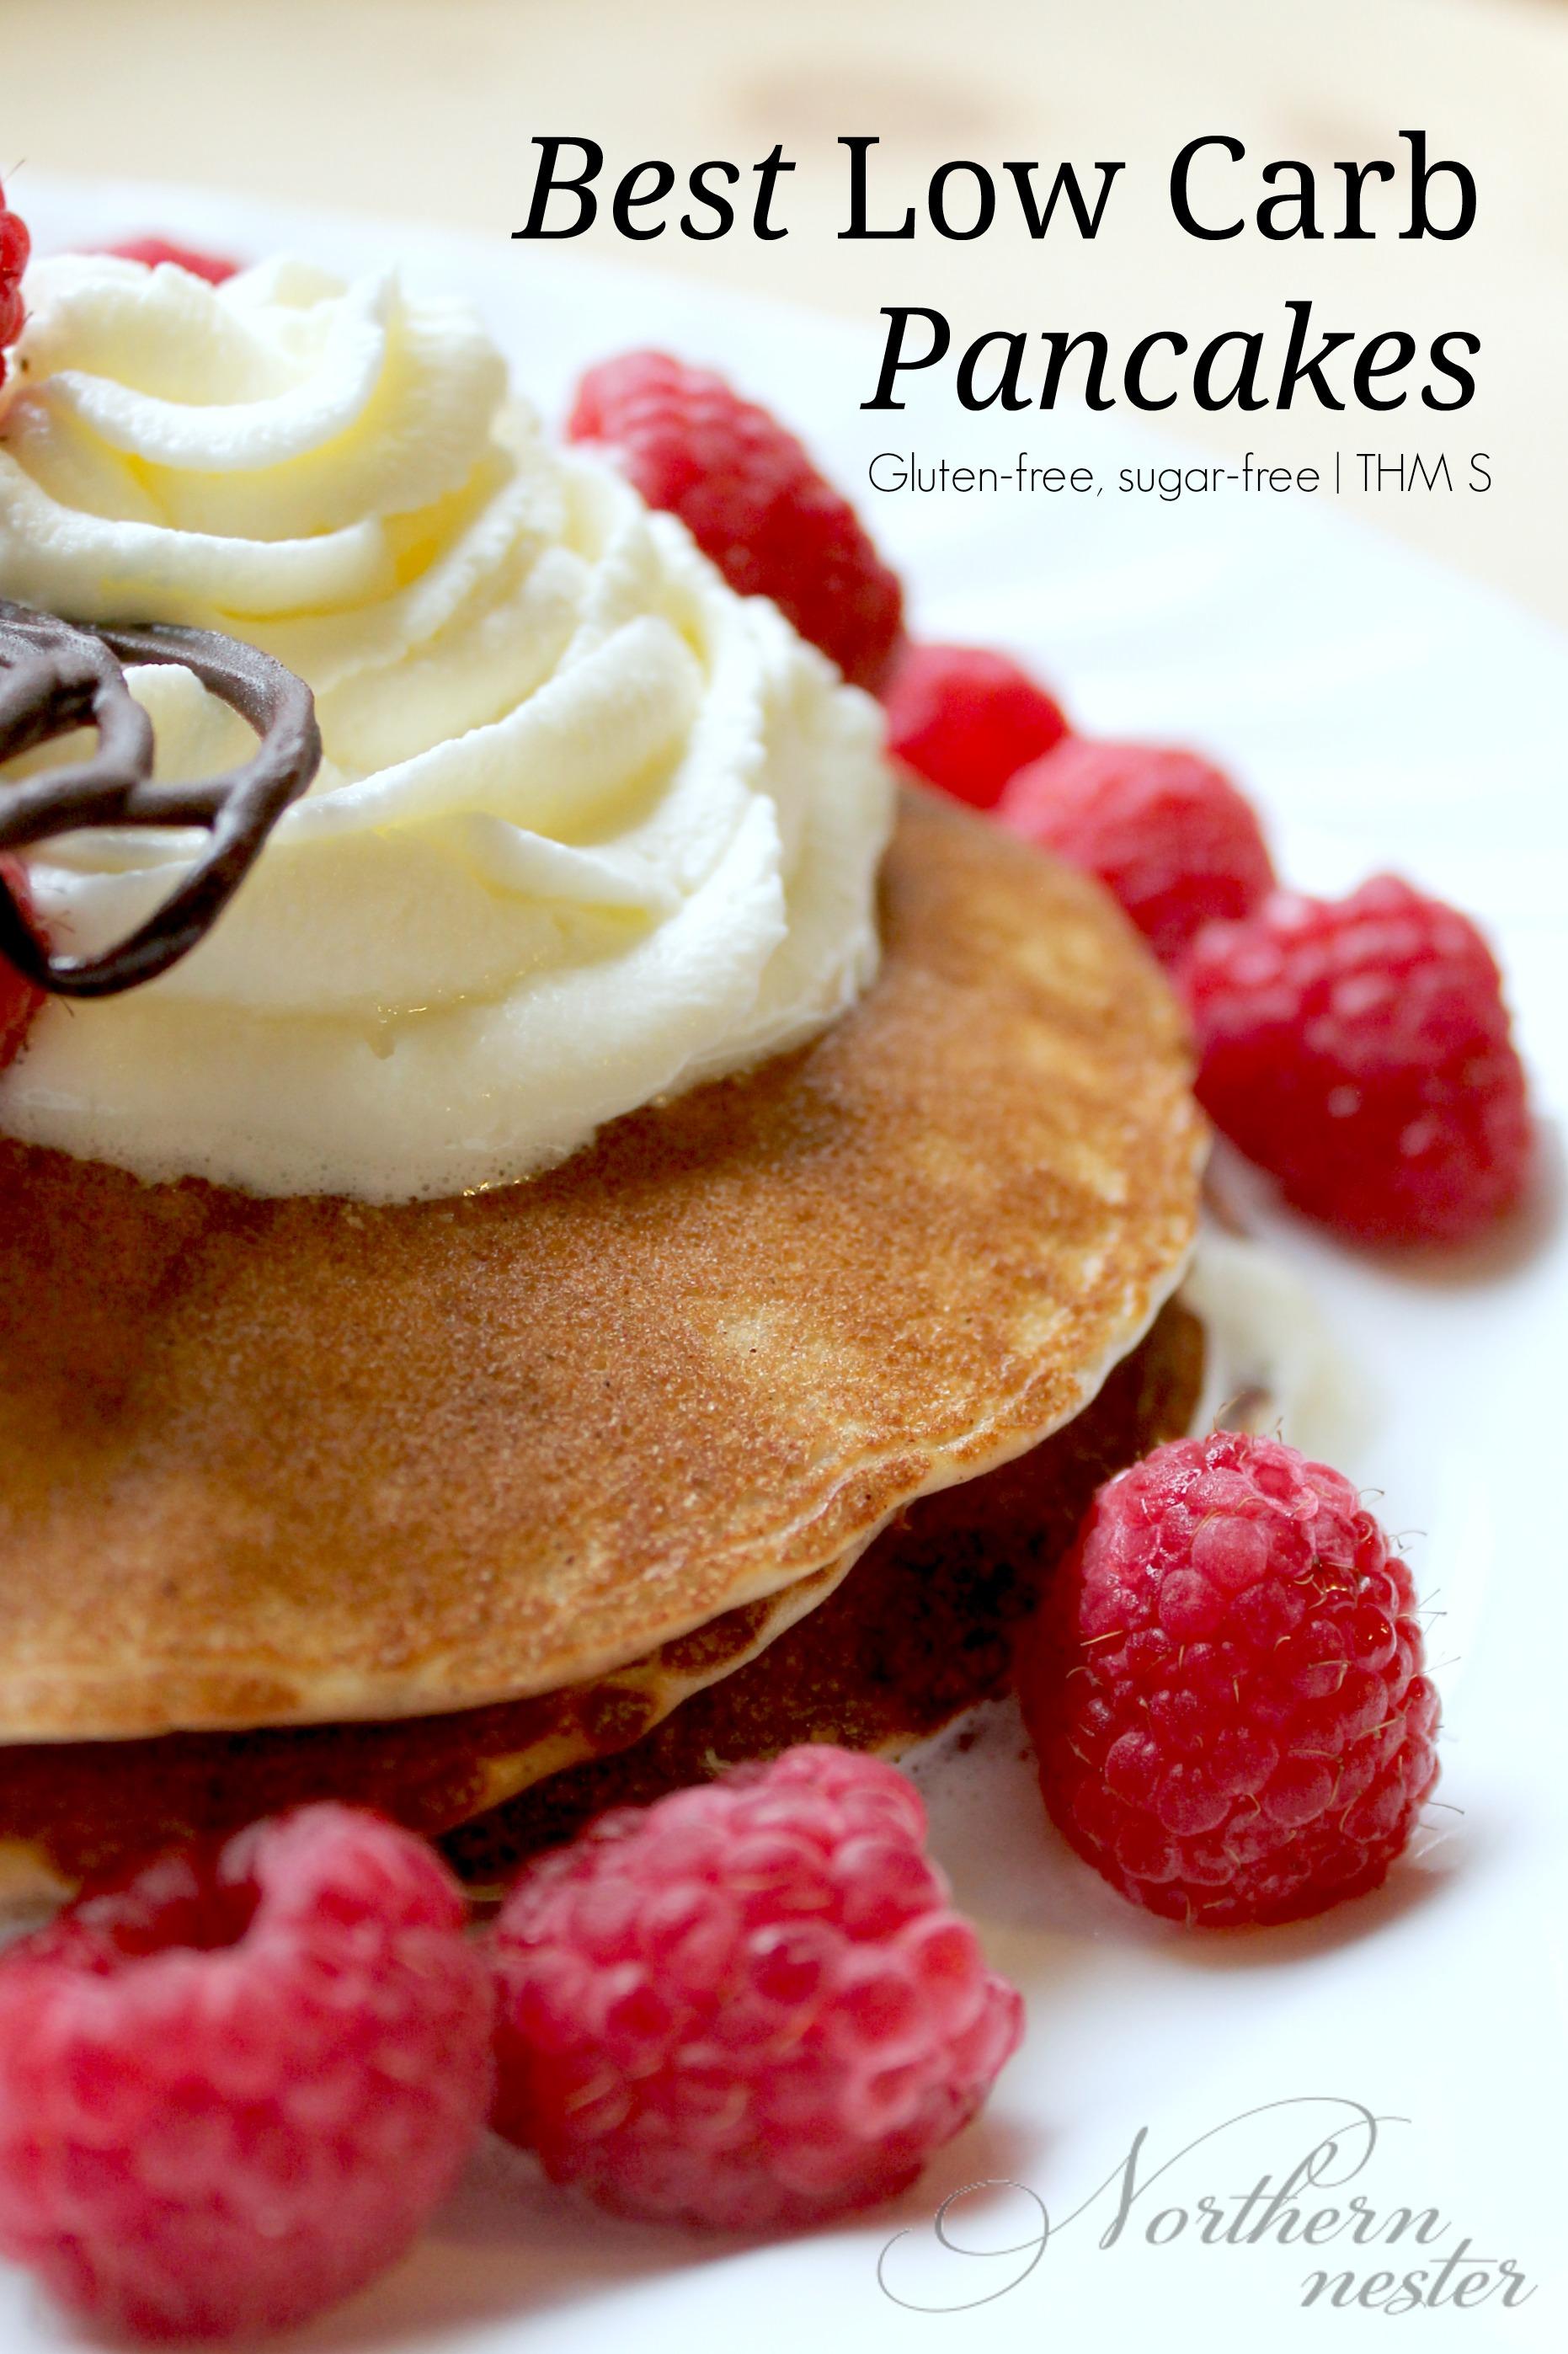 Low Carb Pancake Recipe